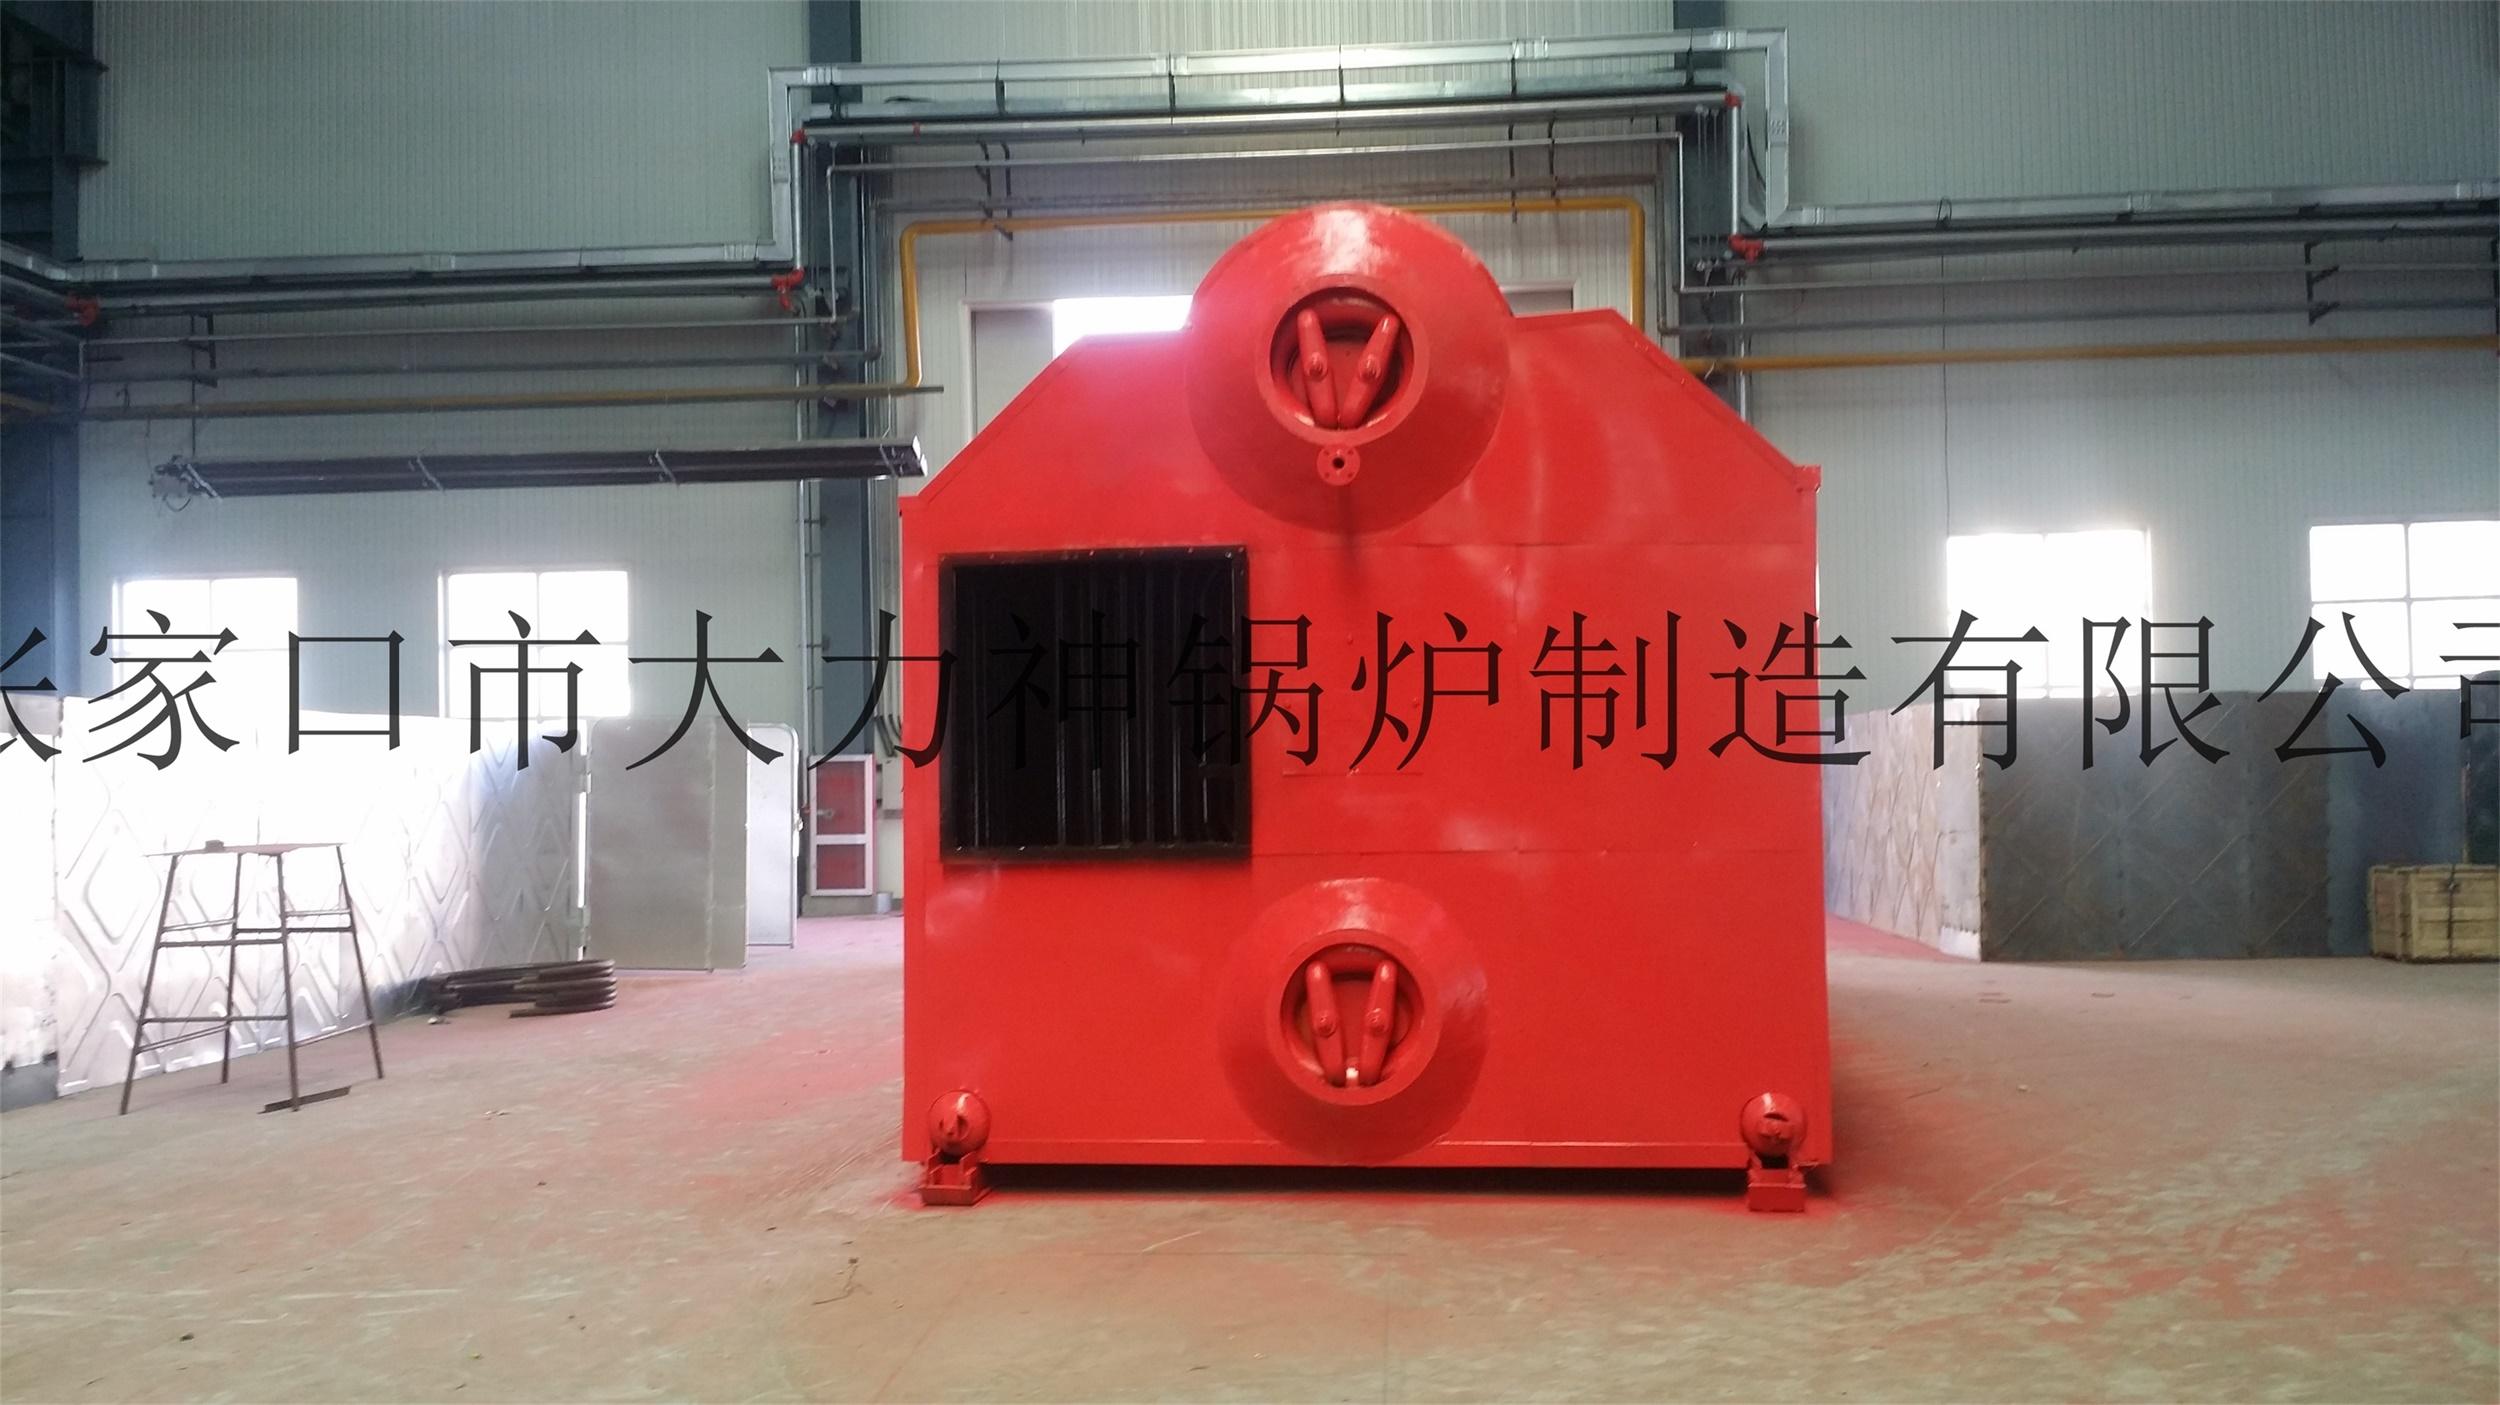 山西大同20吨燃气蒸汽锅炉批发价格 |山西锅炉